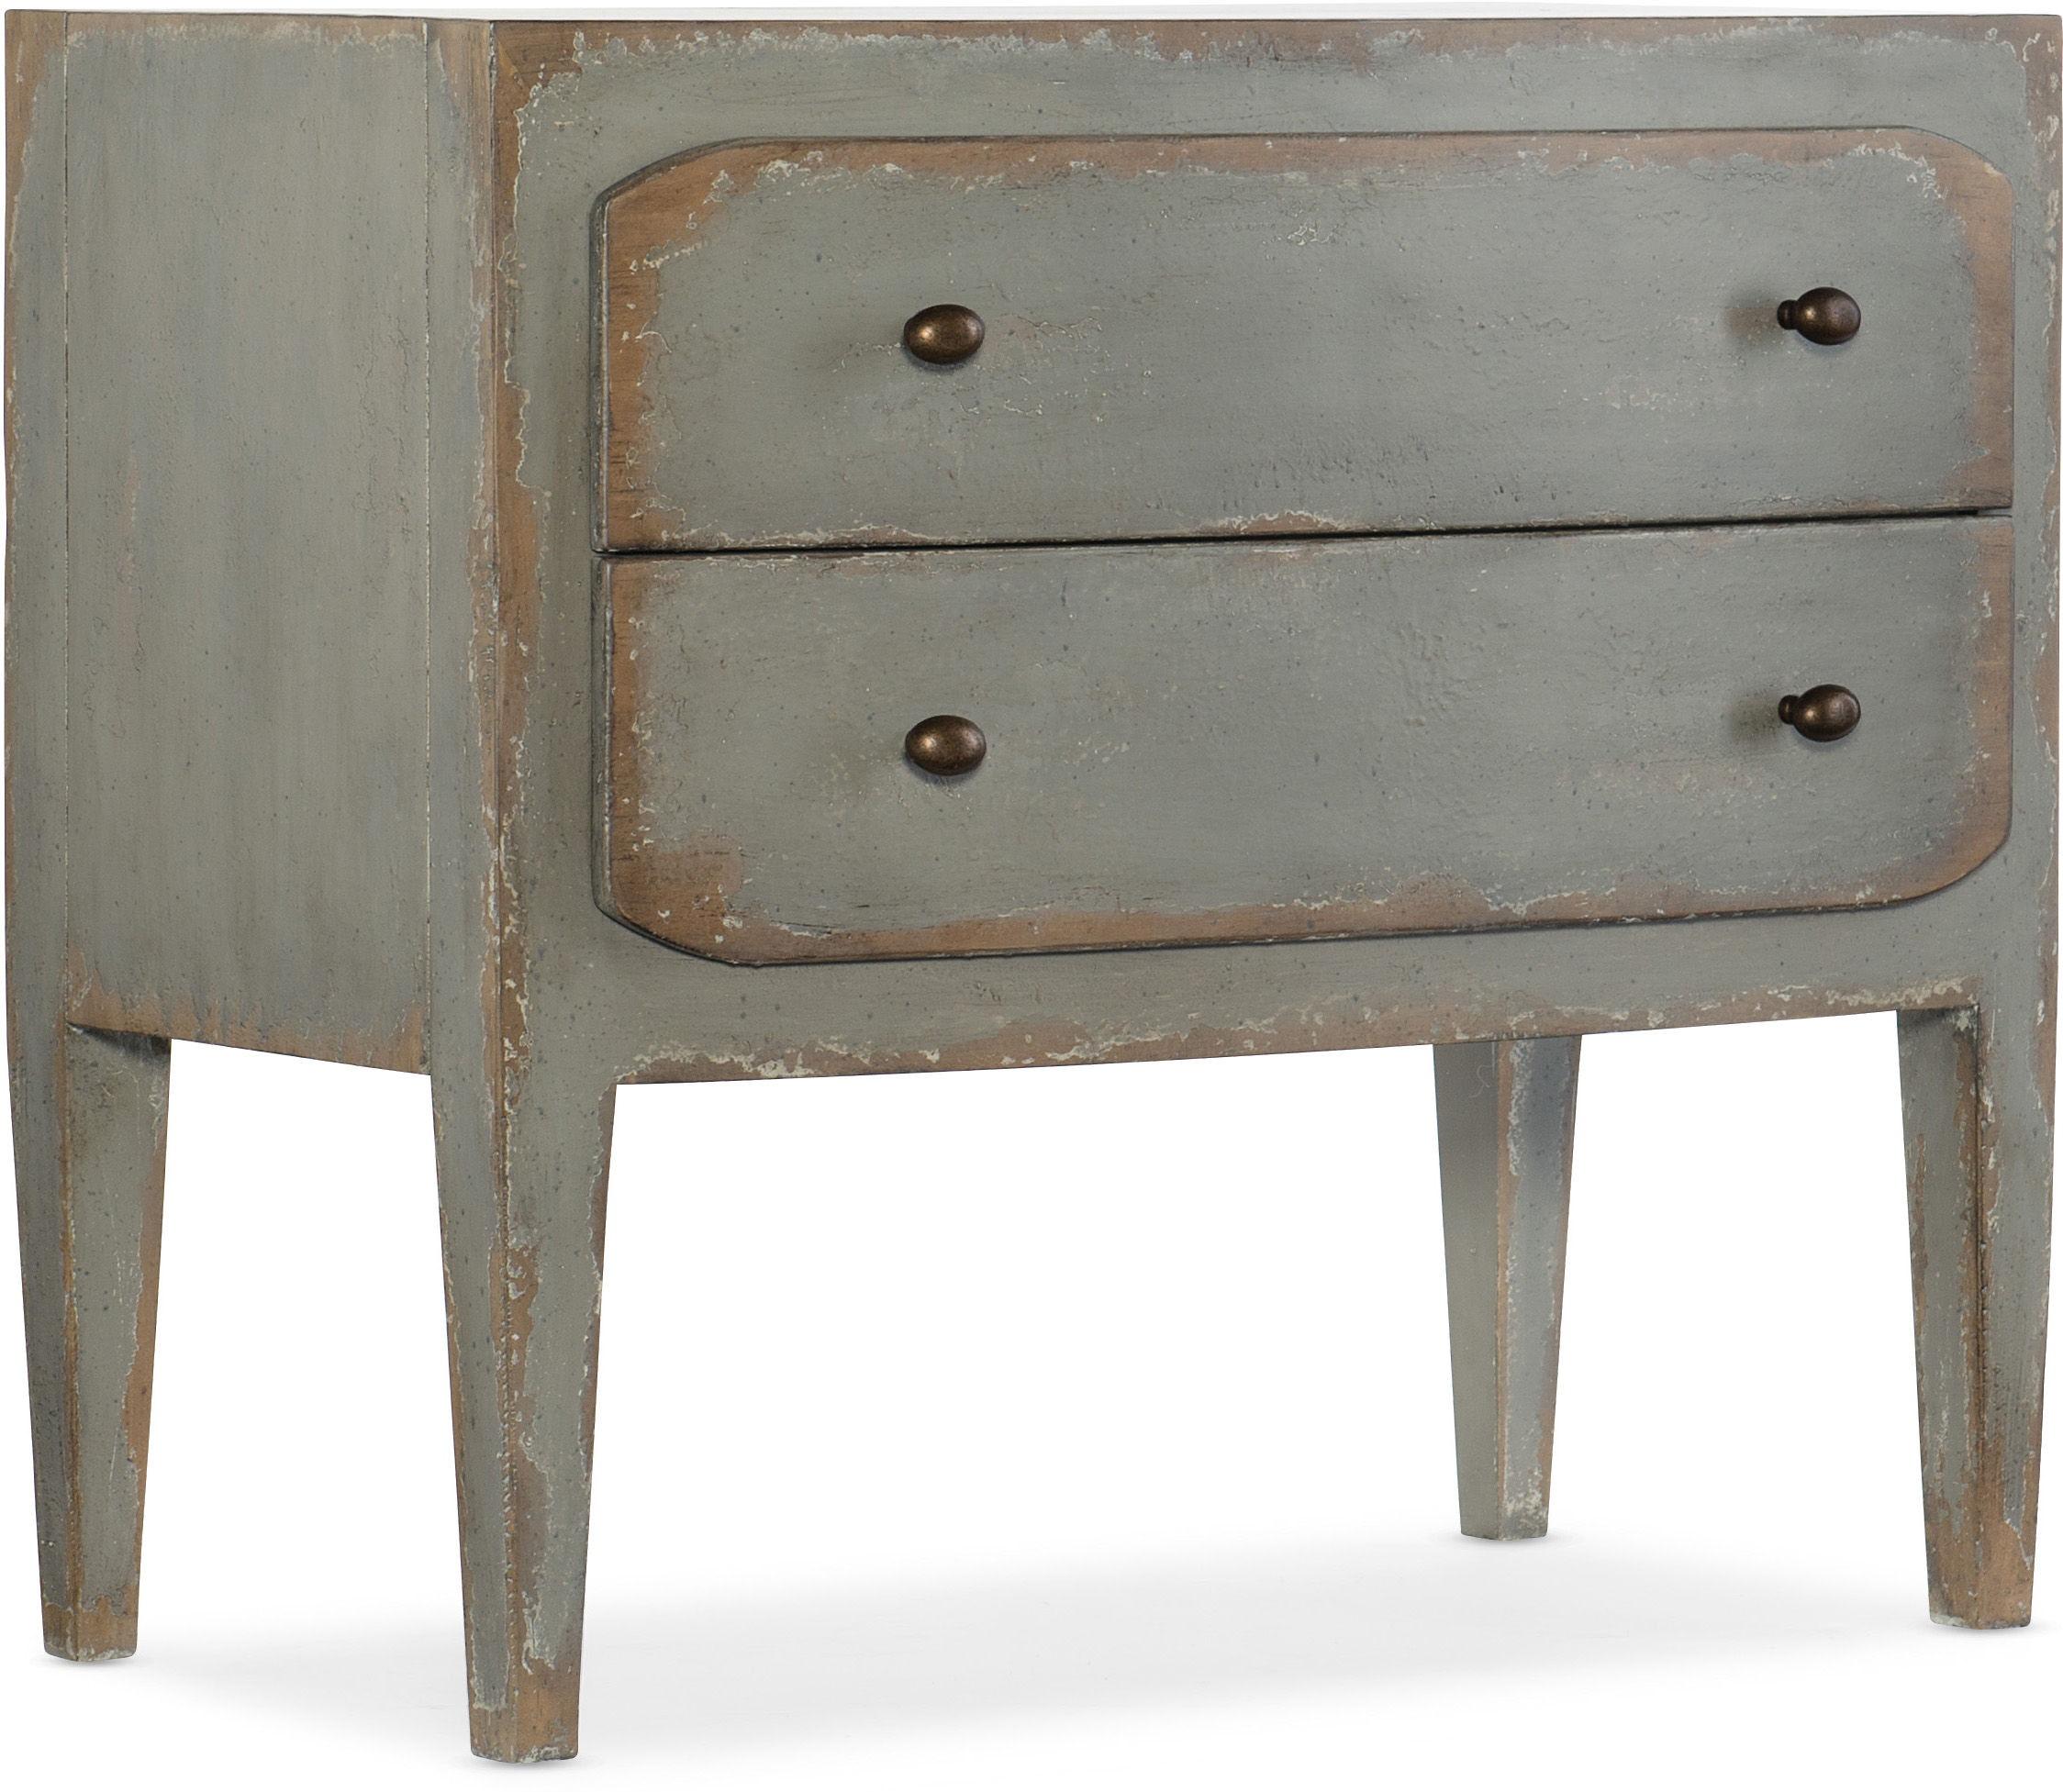 Two Drawer Nightstand santa barbara design center hooker furniture 5805-90016-95